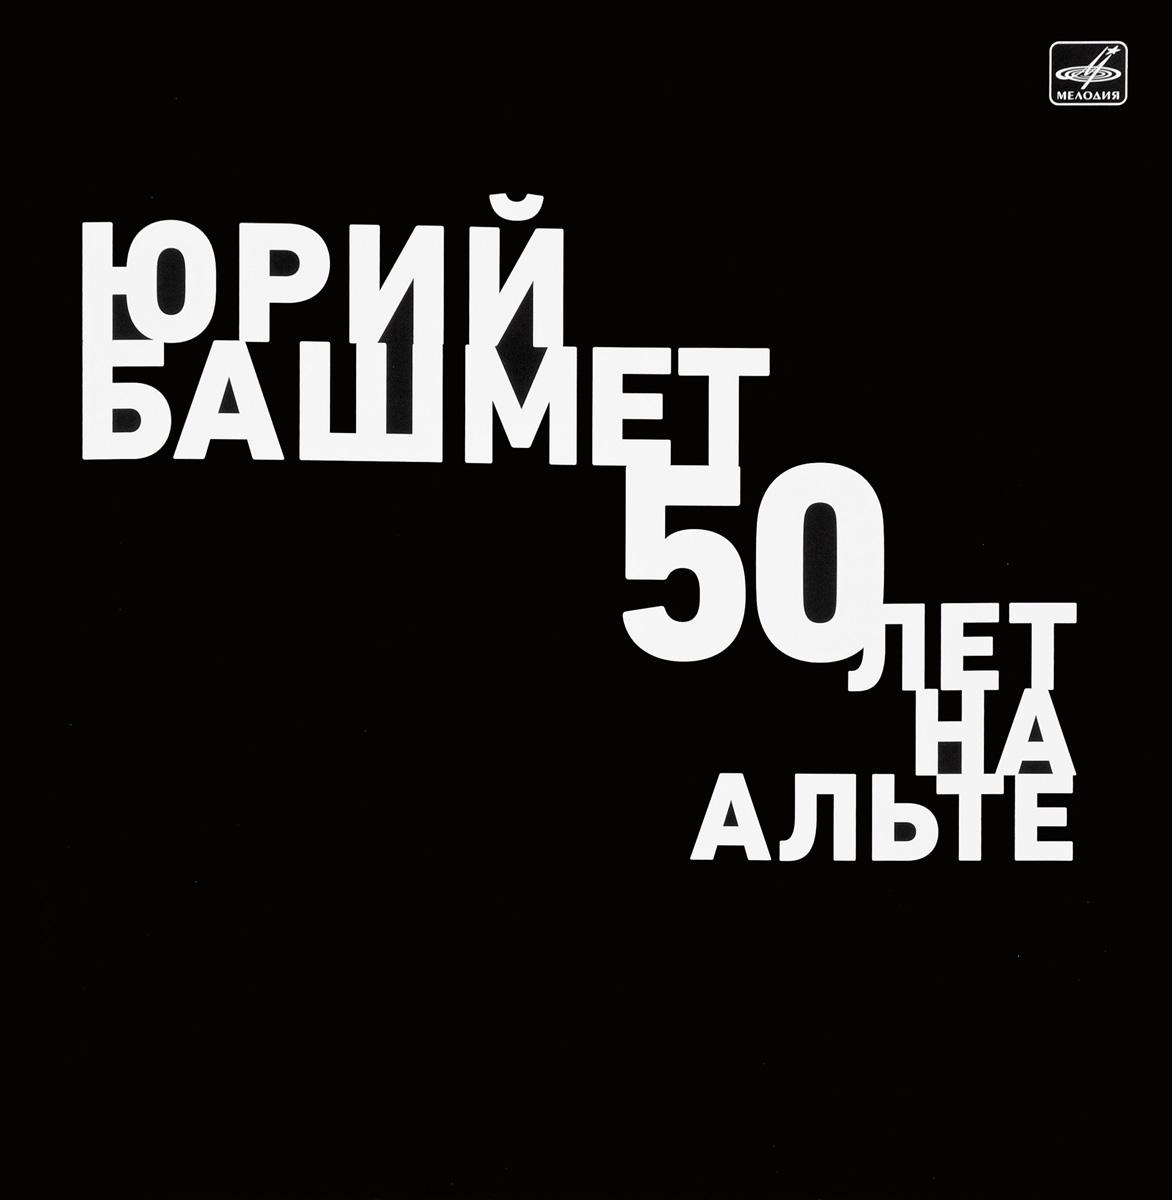 Юрий Башмет Юрий Башмет. 50 лет на Альте (LP) все цены